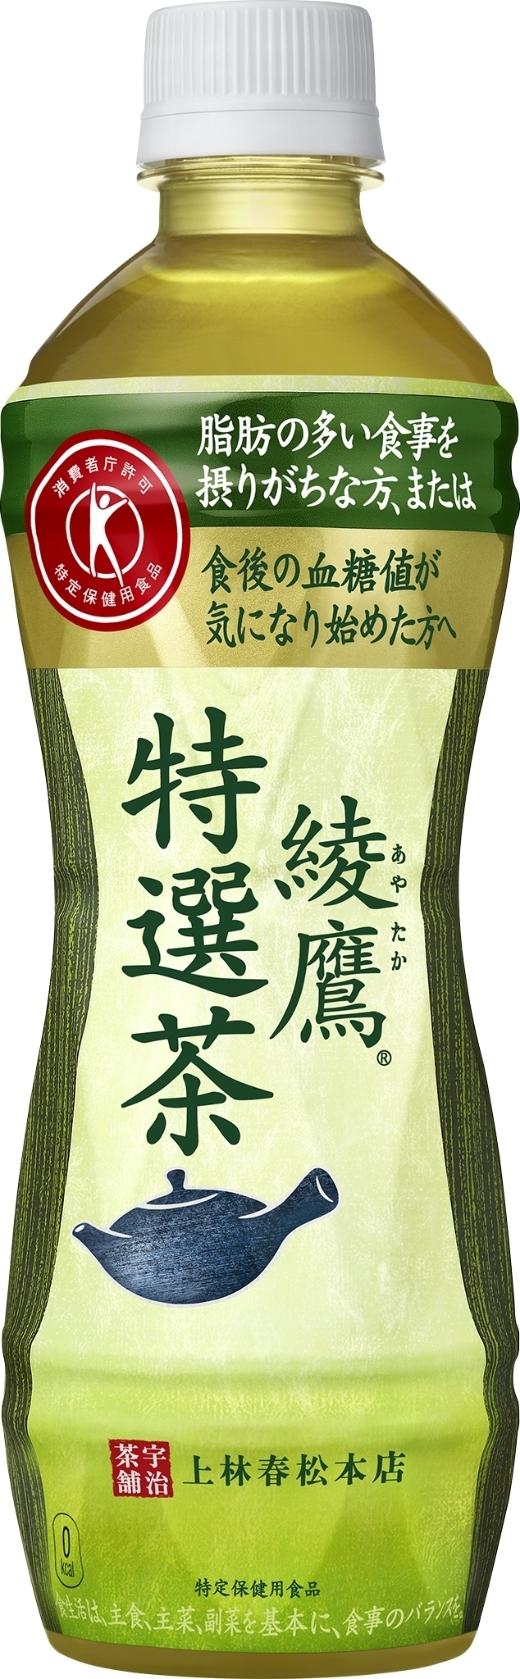 コカ・コーラ 綾鷹 特選茶